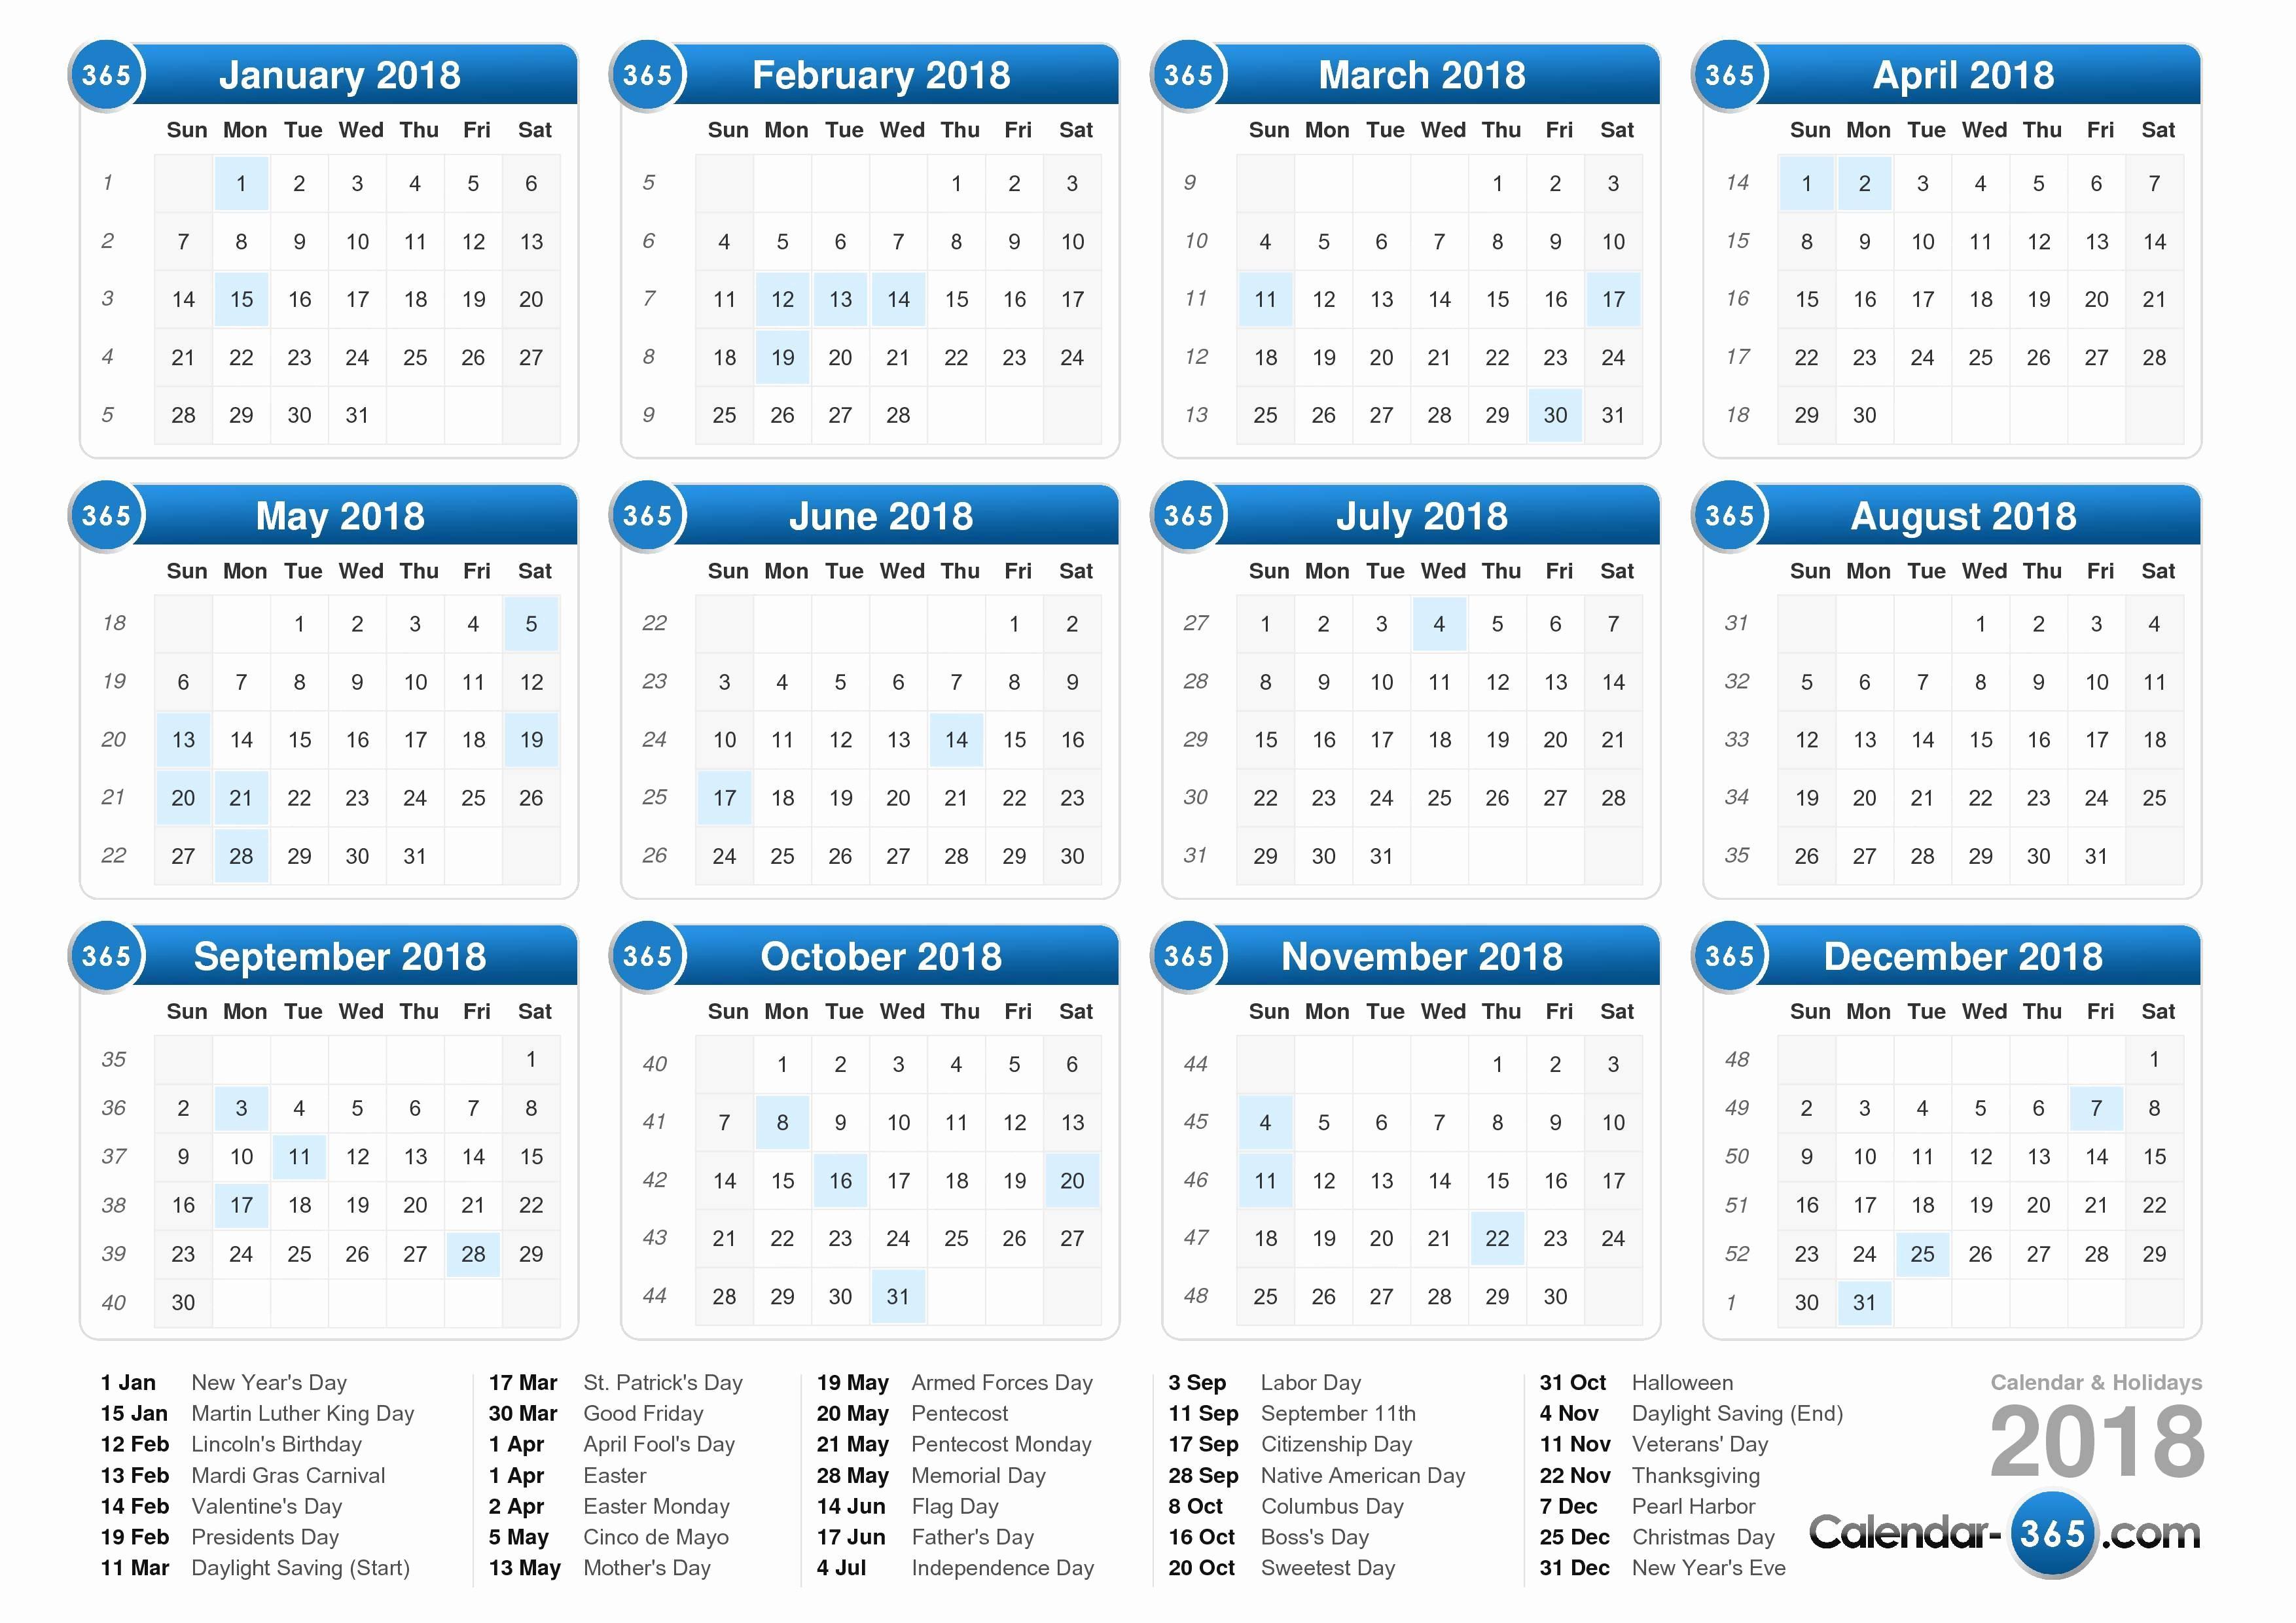 Calendar 2018 Printable with Holidays Lovely 2018 Calendar with Holidays